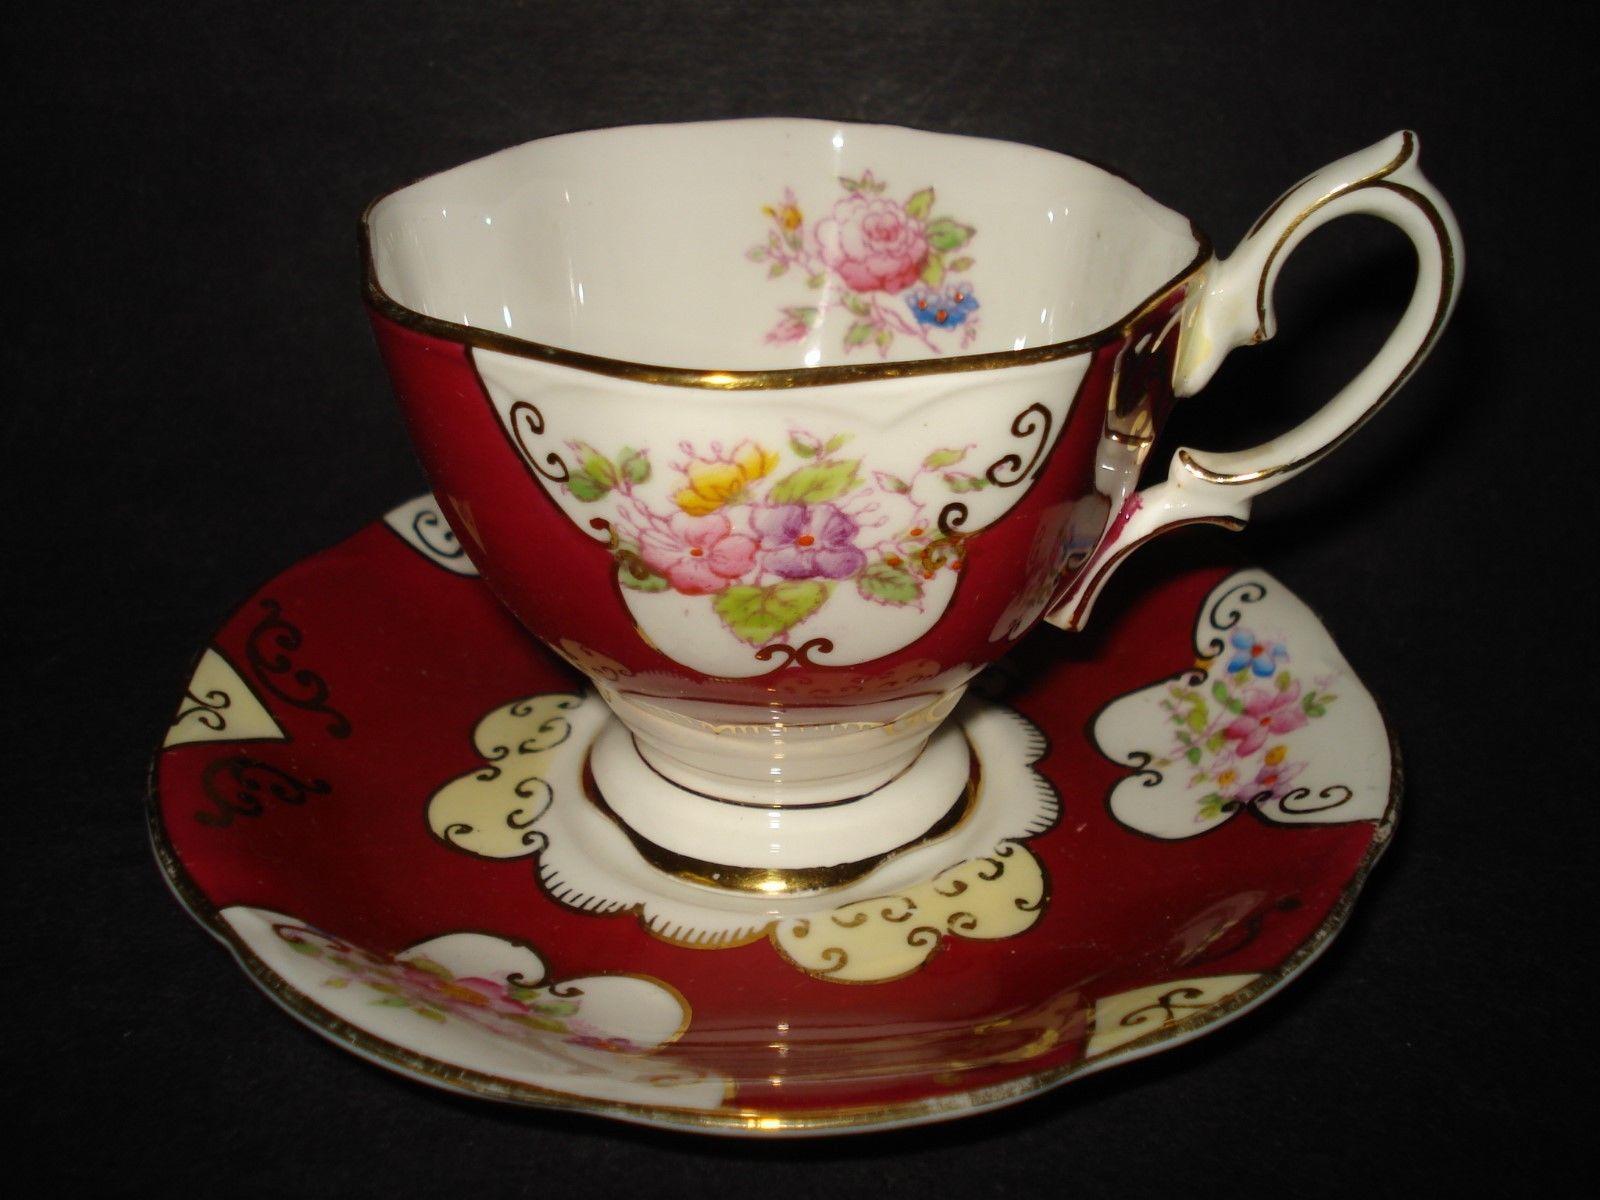 Royal albert bone china tea cup amp saucer winsome pattern ebay - Royal Albert Bone China Burgundy Gold Cup Saucer Set Flowers Floral England